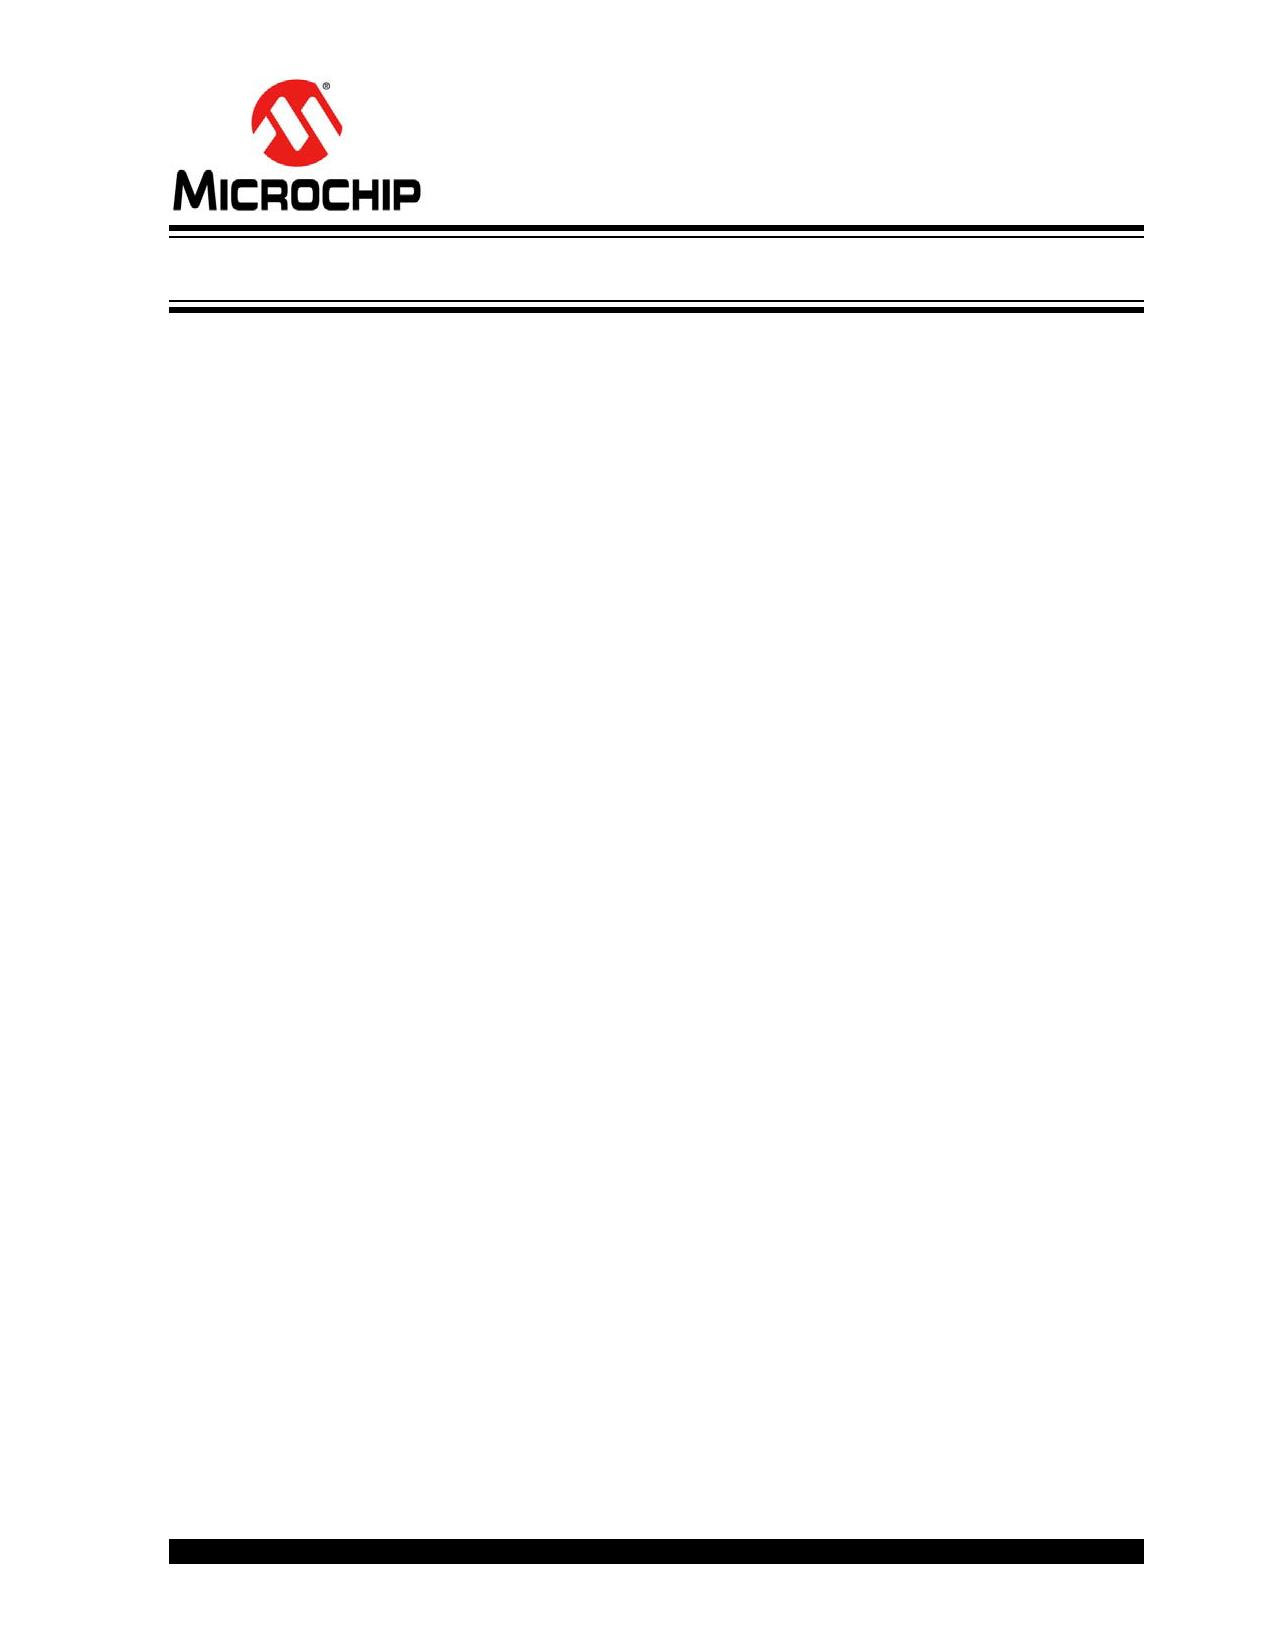 SST12CP11C datasheet, circuit